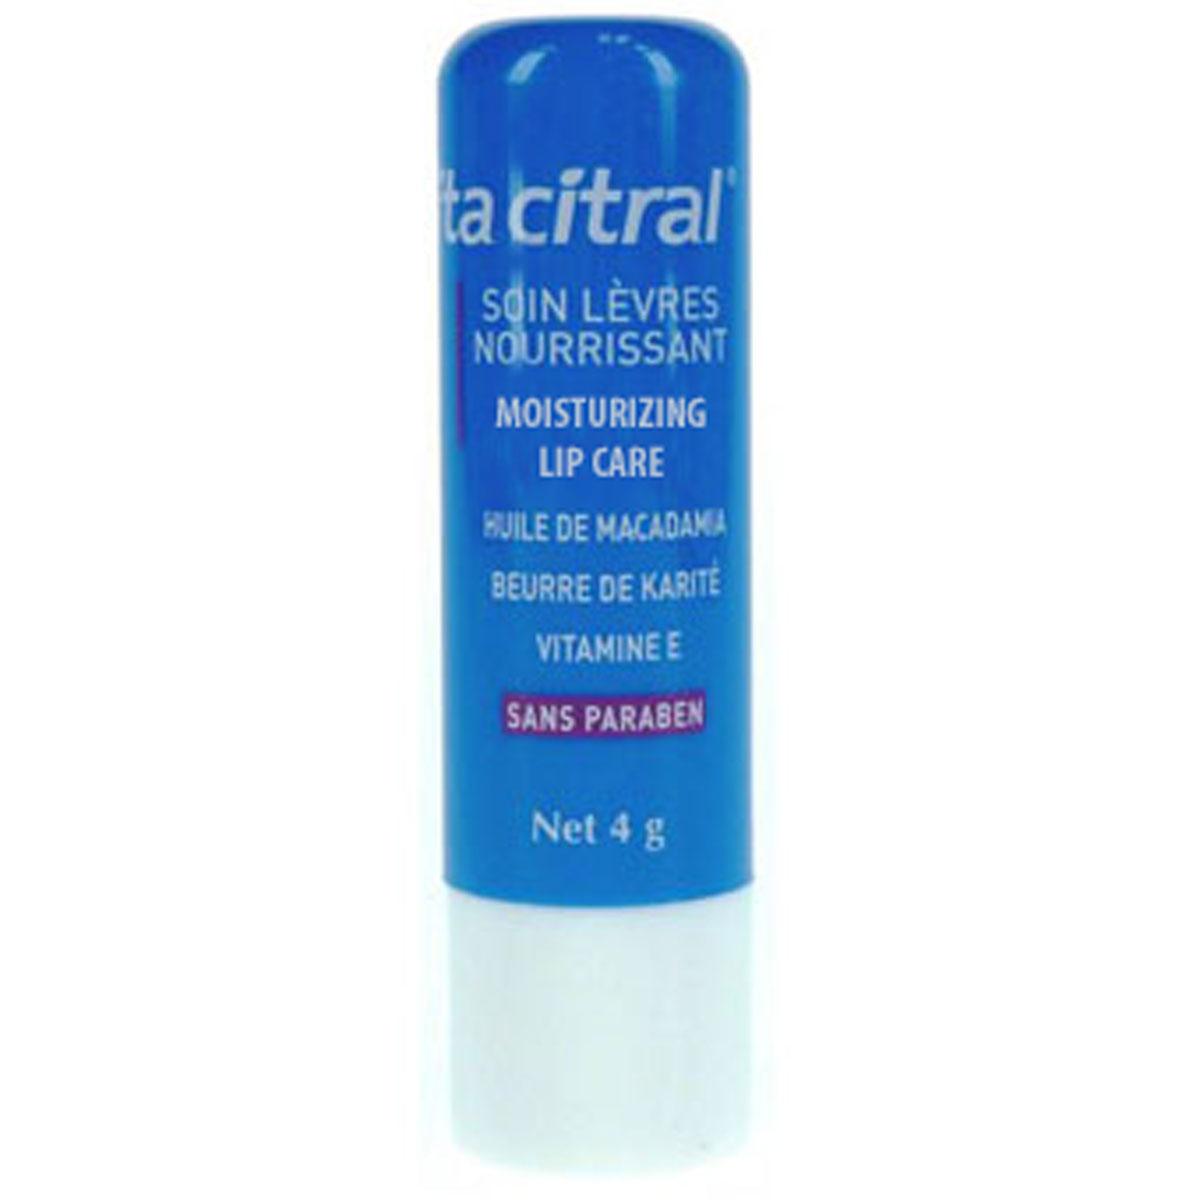 VITA CITRAL Stick Lèvres Réparateur Adoucissant